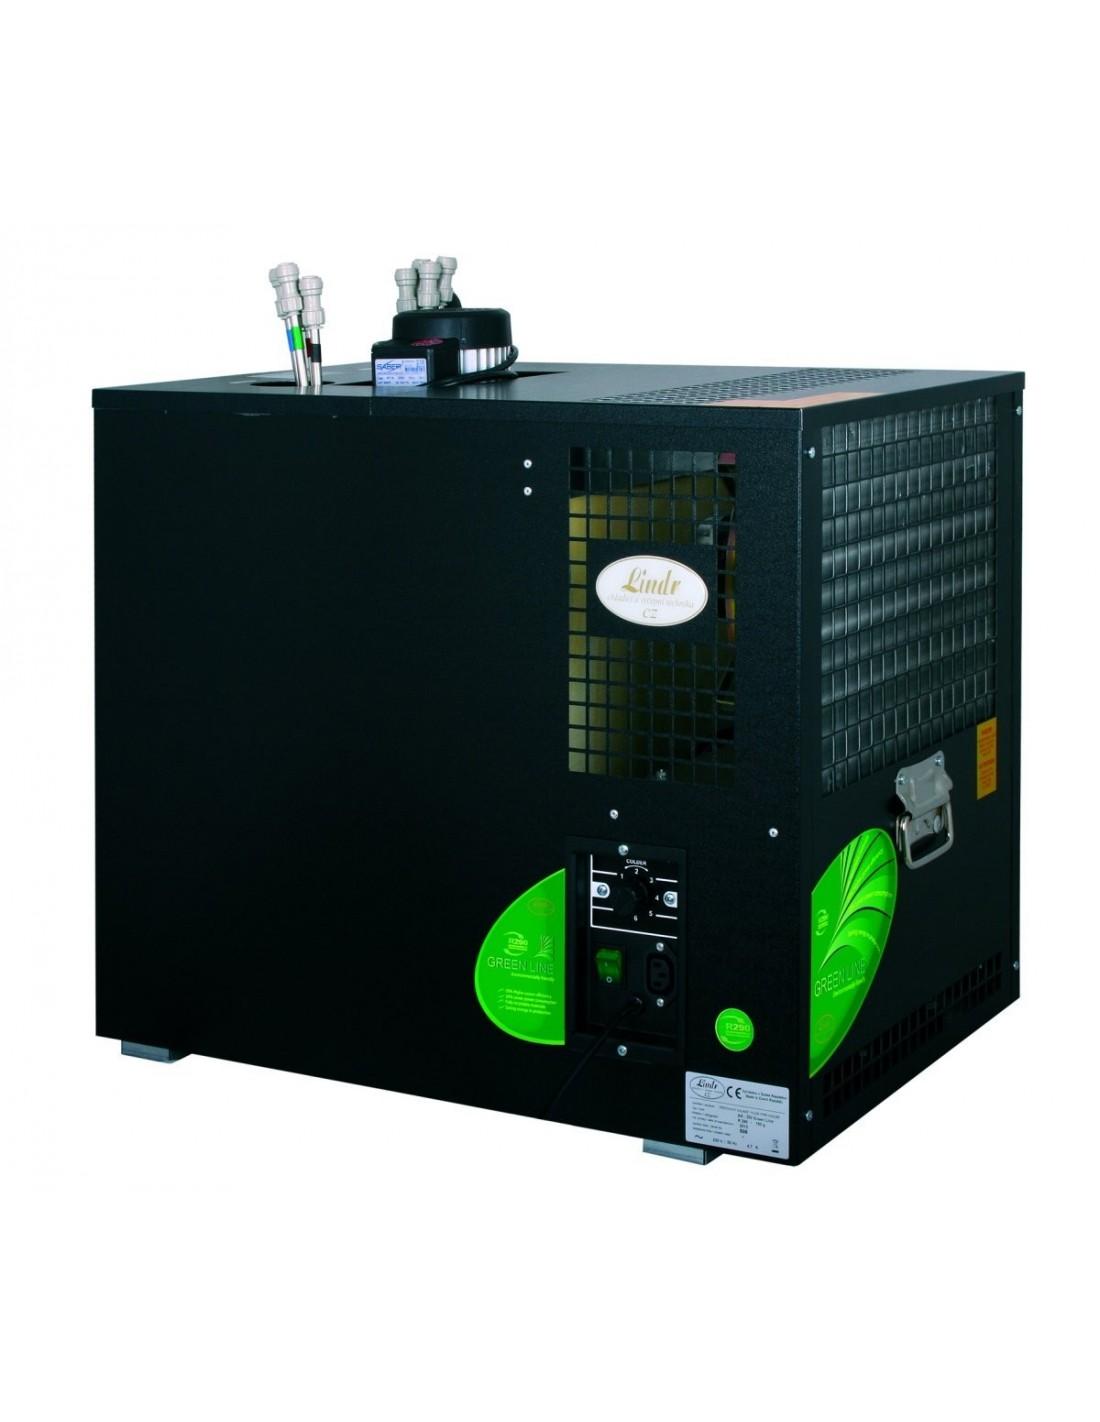 """VCH02107 - Vätskekylda fatölskylare med isbank - Lindr AS-200 """"green line"""" 8 kylslingor + snabbkopplingar"""